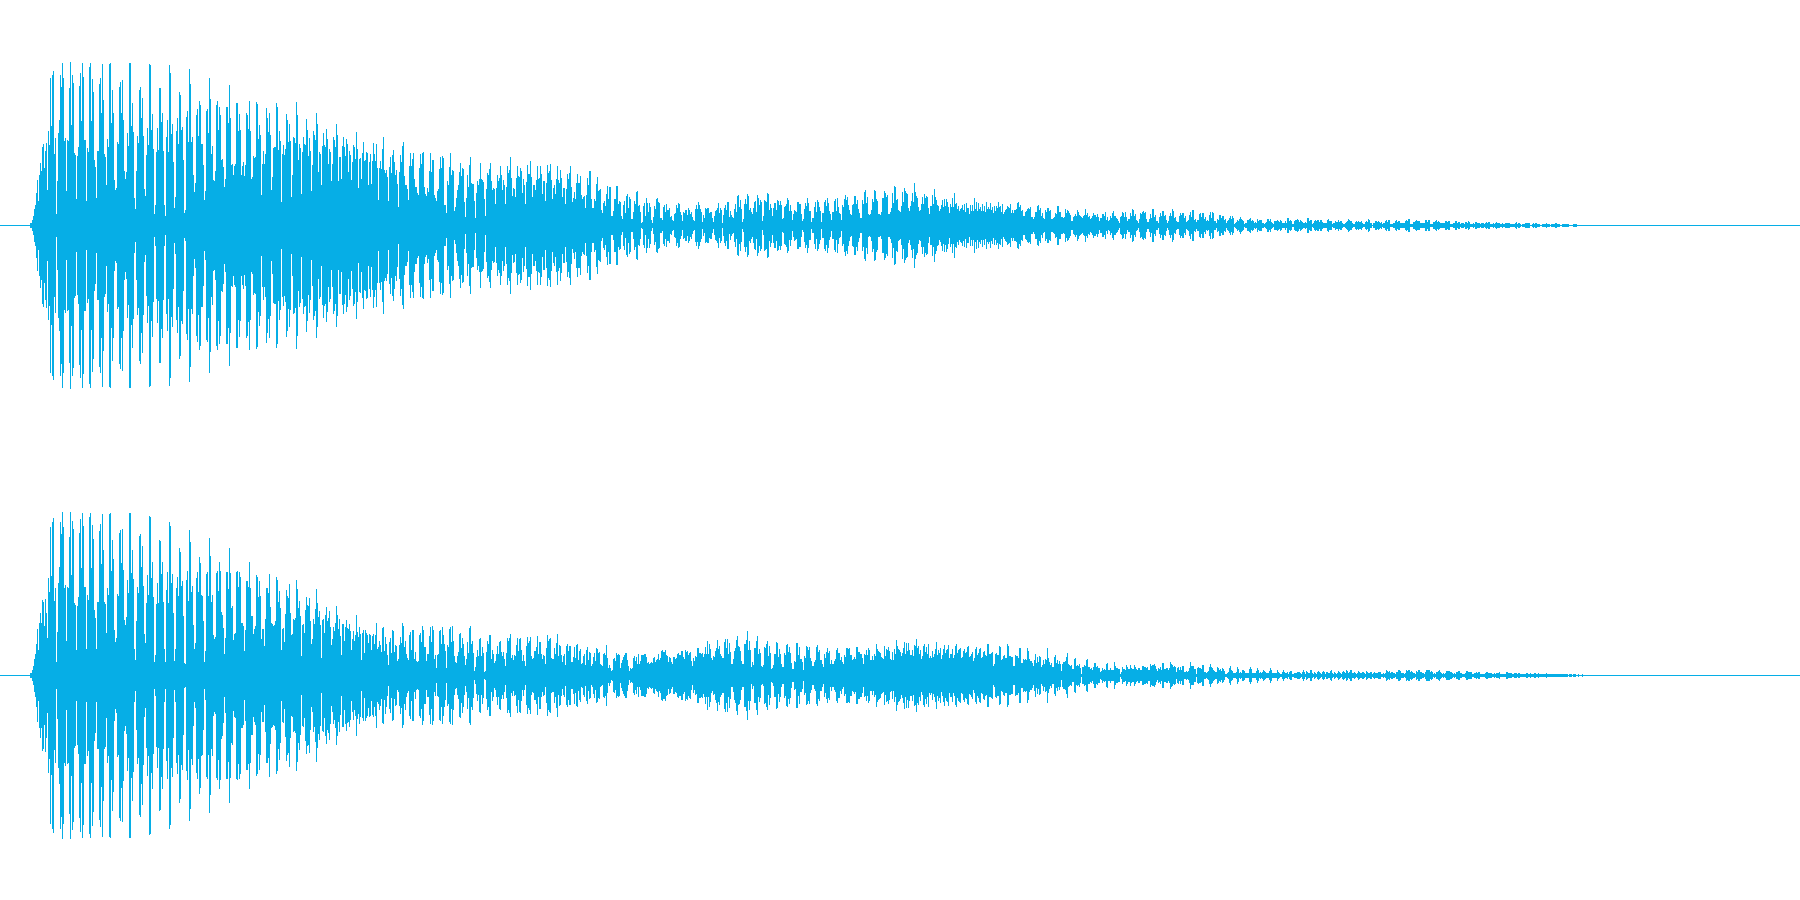 ポン(短いやや明るい音)の再生済みの波形